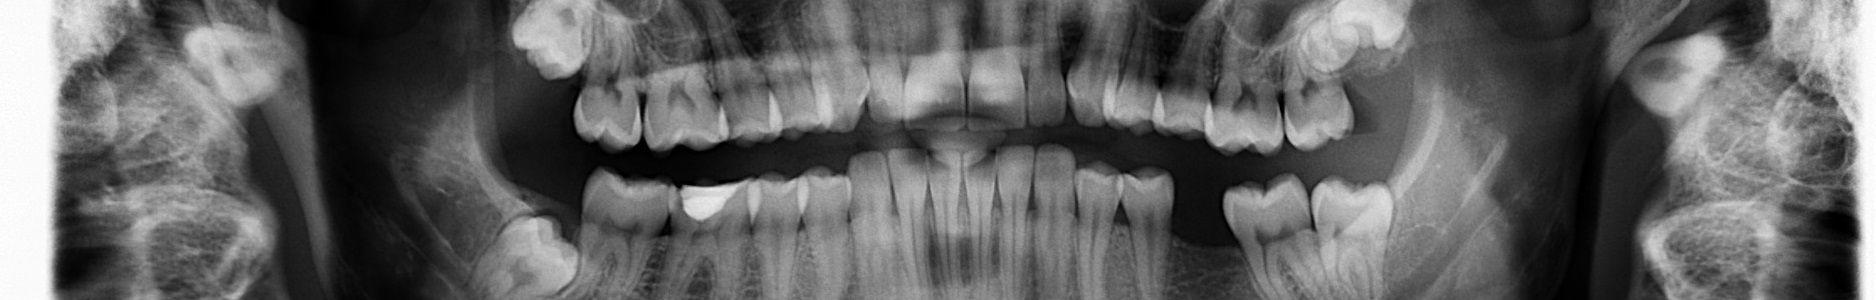 teeth bones xray